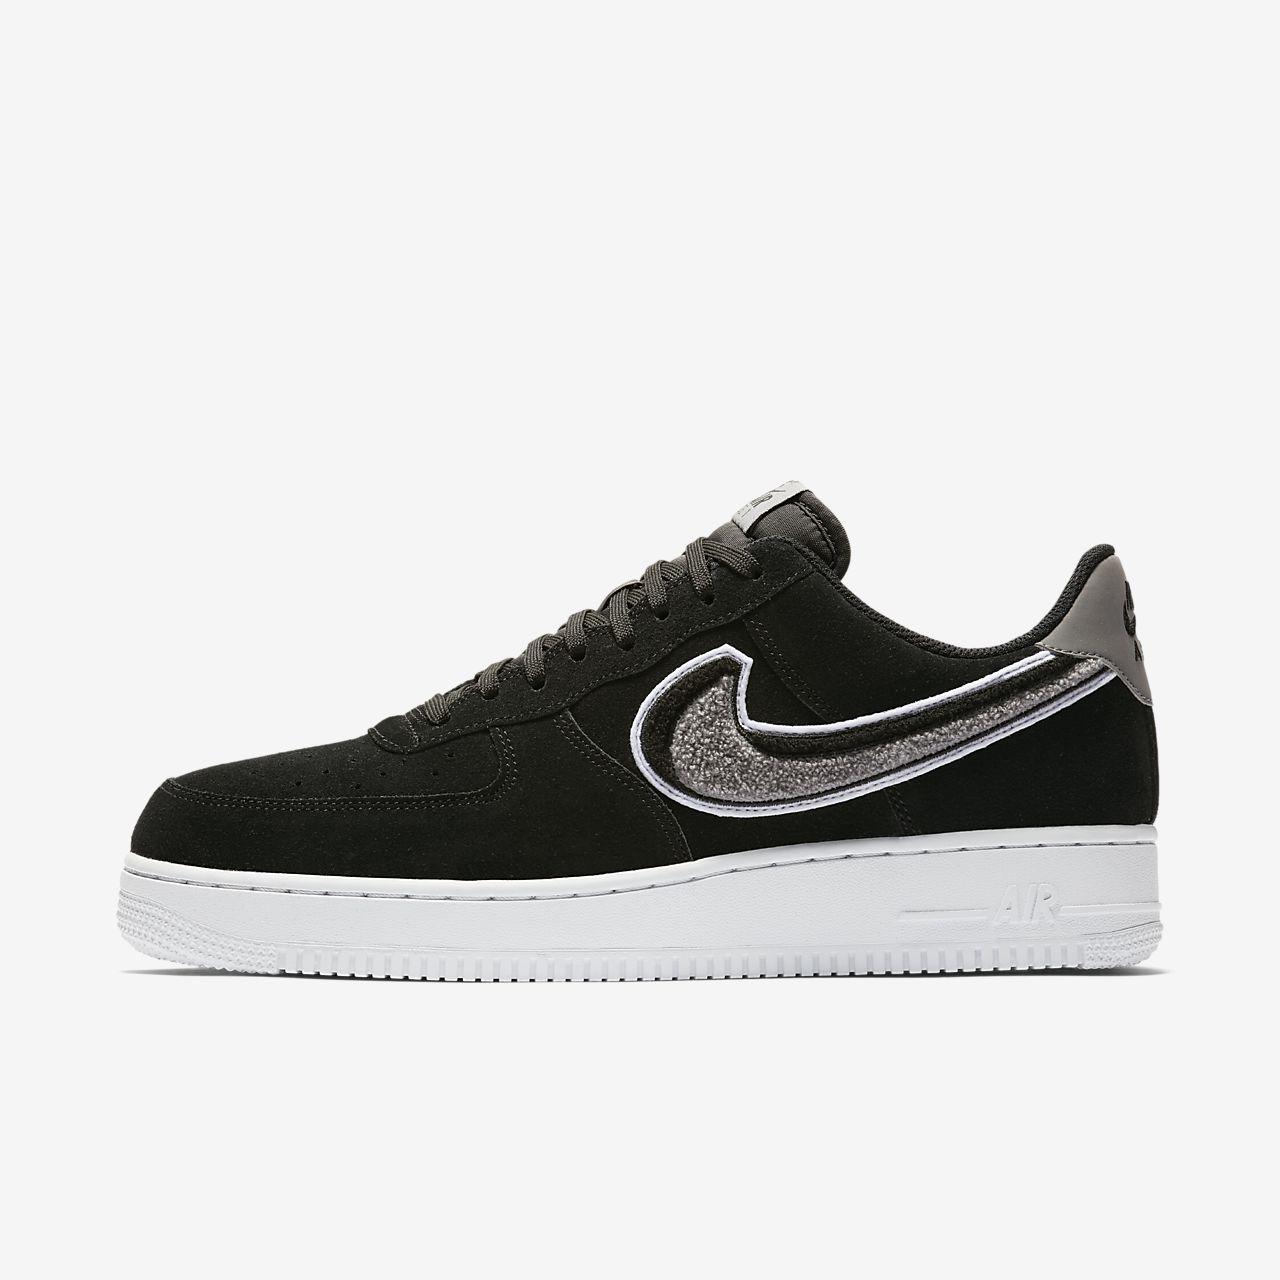 Pánská bota Nike Air Force 1 Low 07 LV8